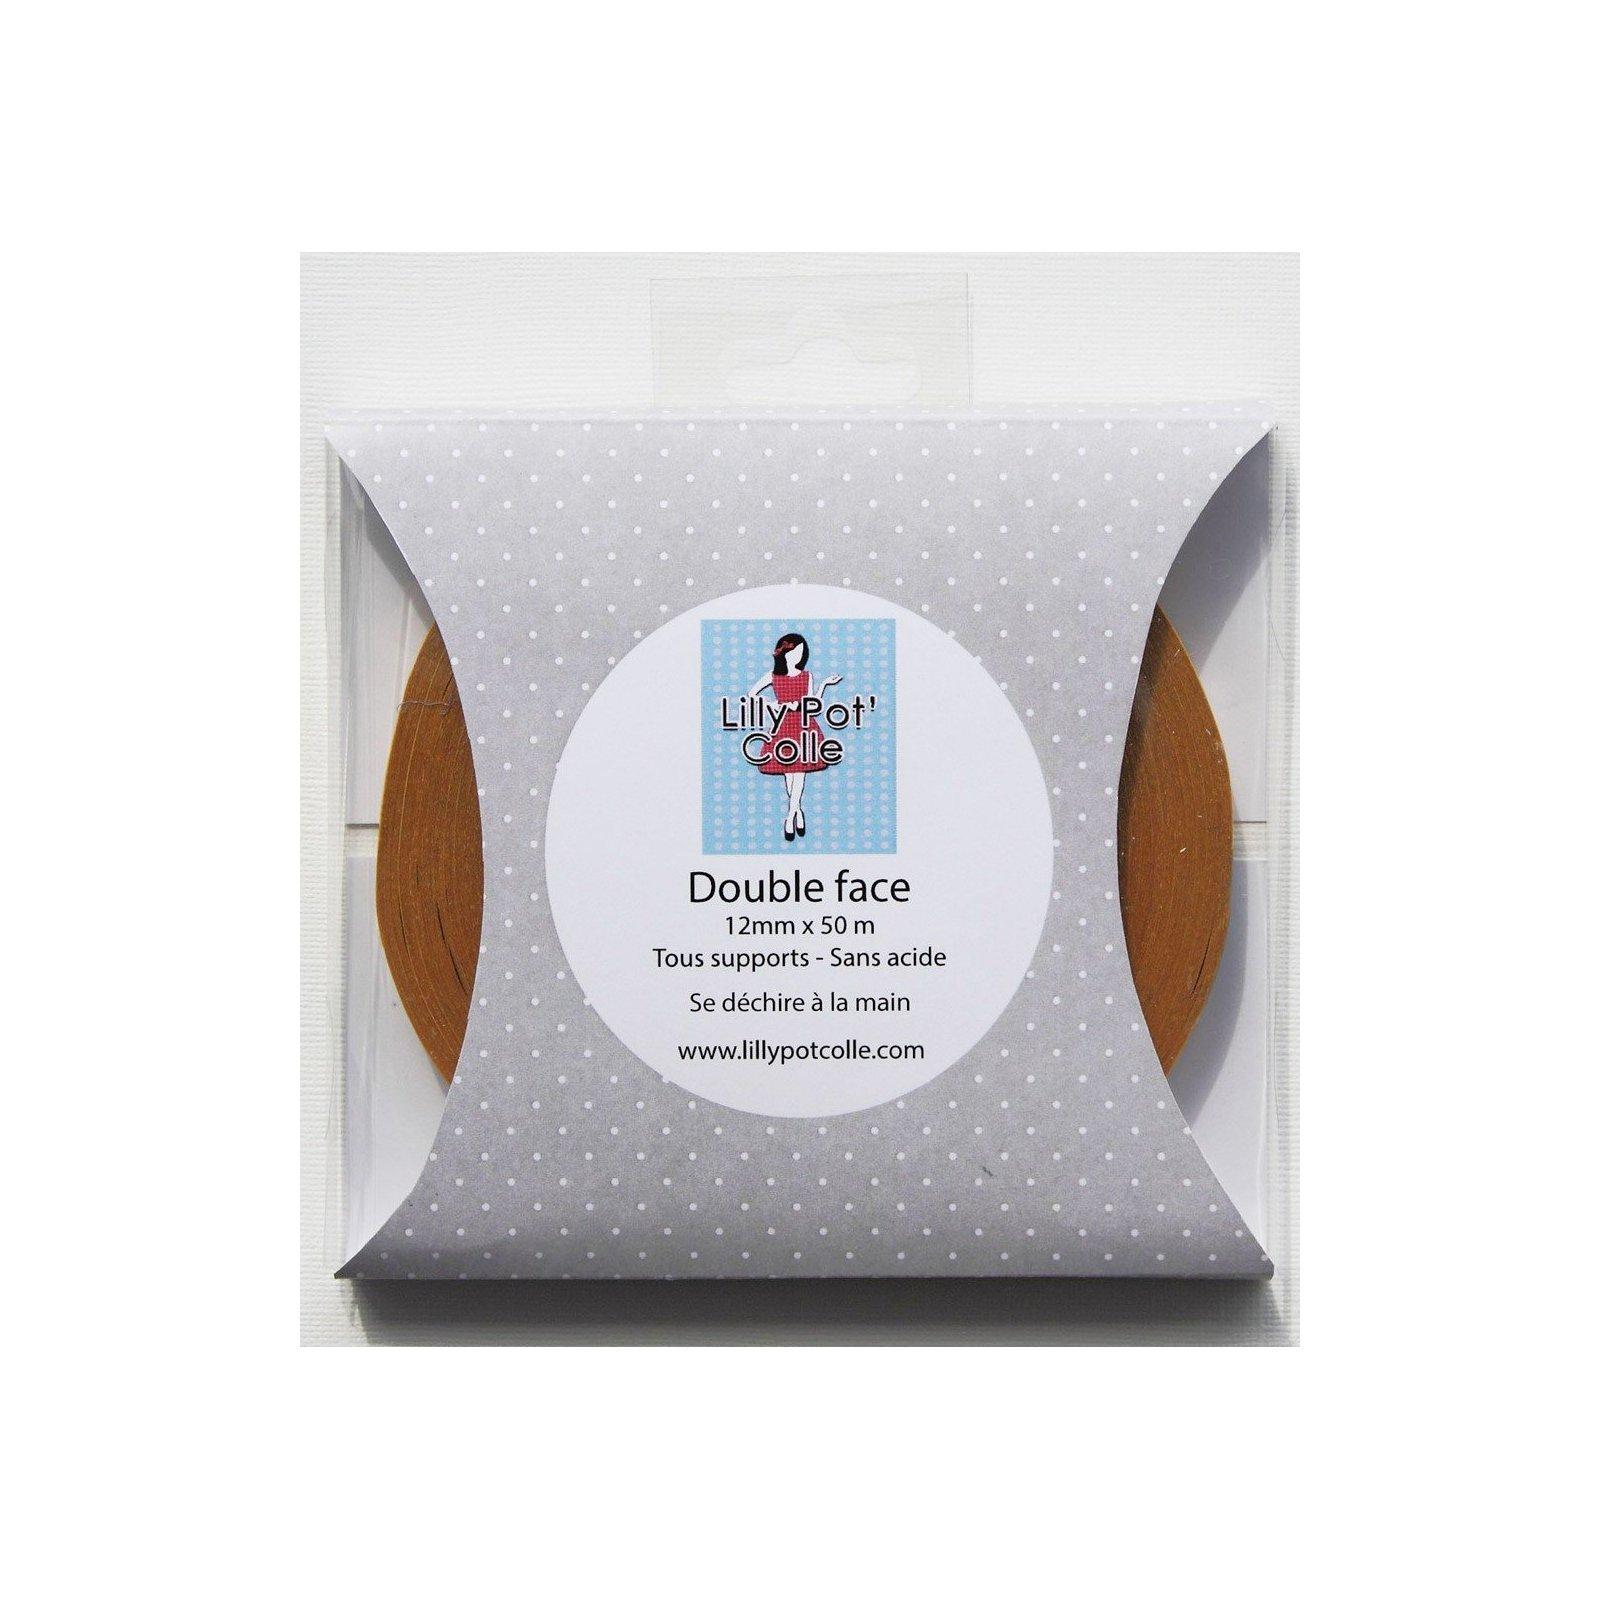 Rouleau adhésif double face 12mm x 50m - Lilly Pot'Colle